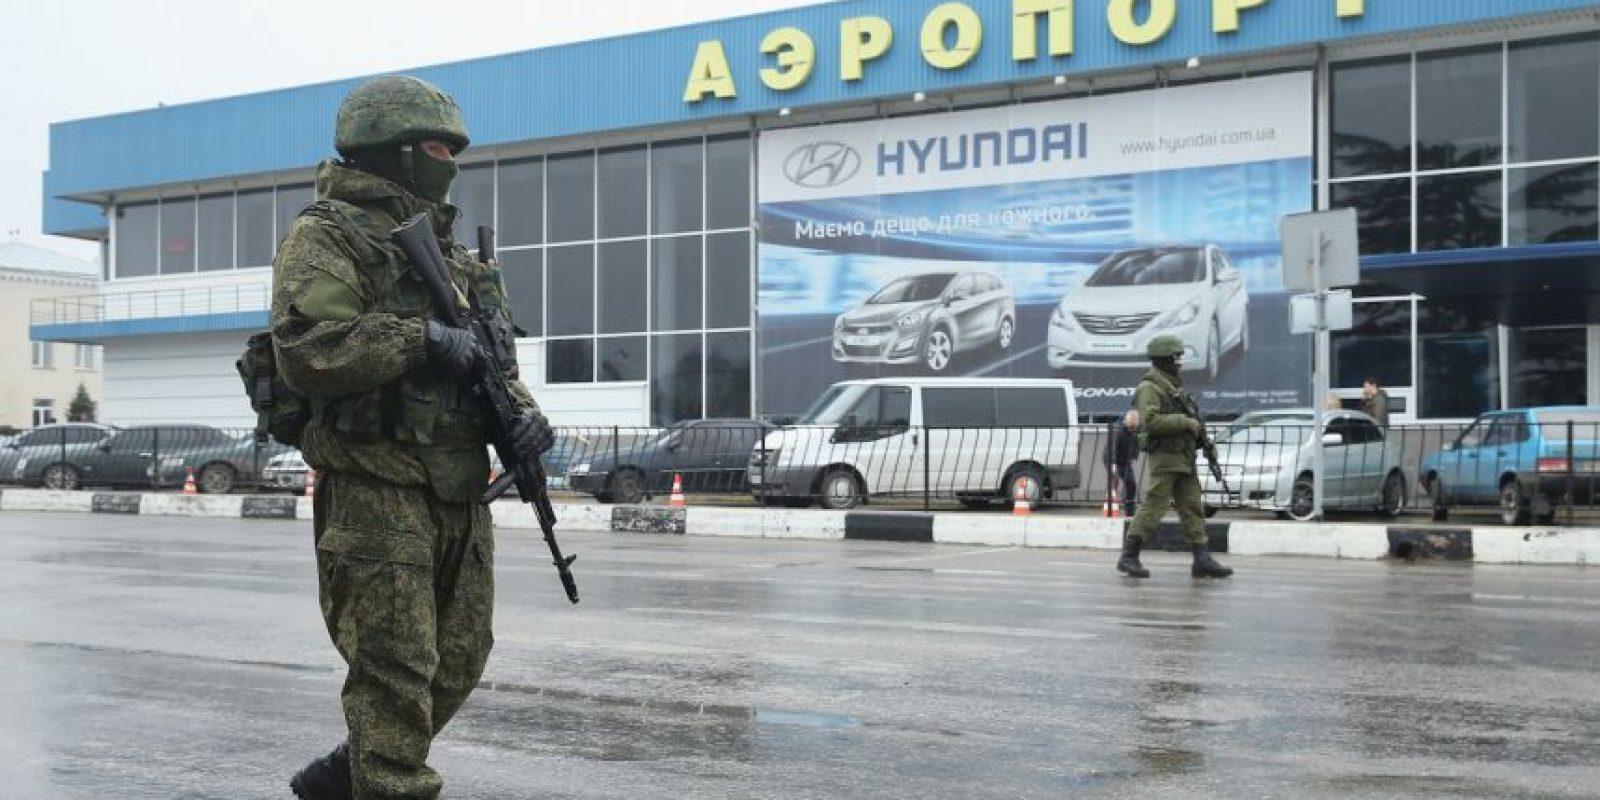 Hecho que le ha costado recibir sanciones económicas por parte de Estados Unidos Foto:Getty Images